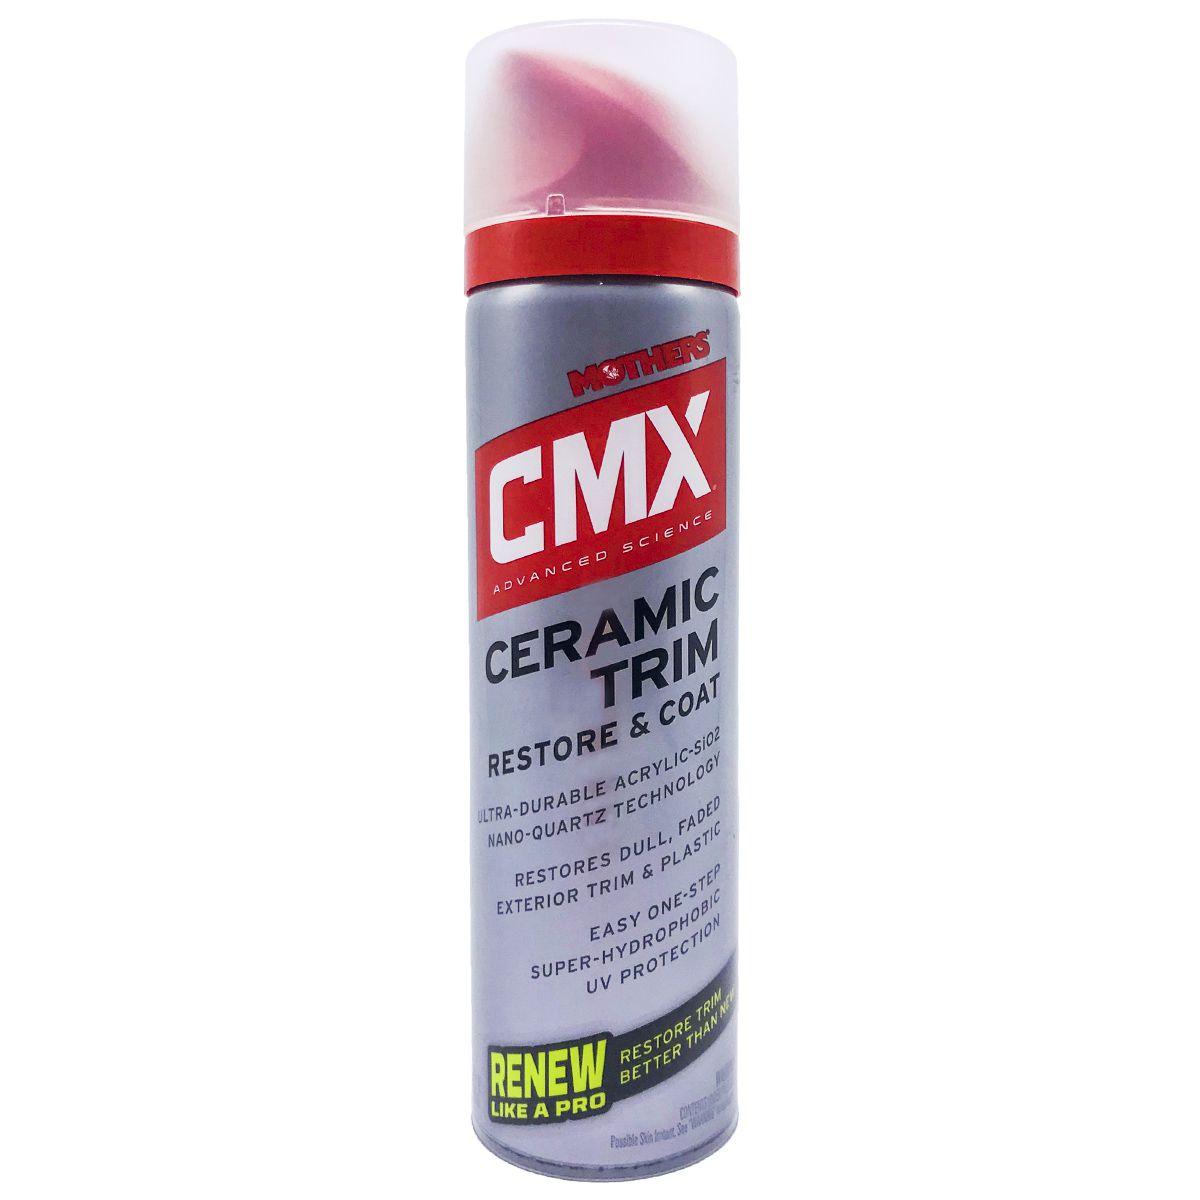 Restaurador de Plásticos CMX Ceramic Trim Mothers 200ml